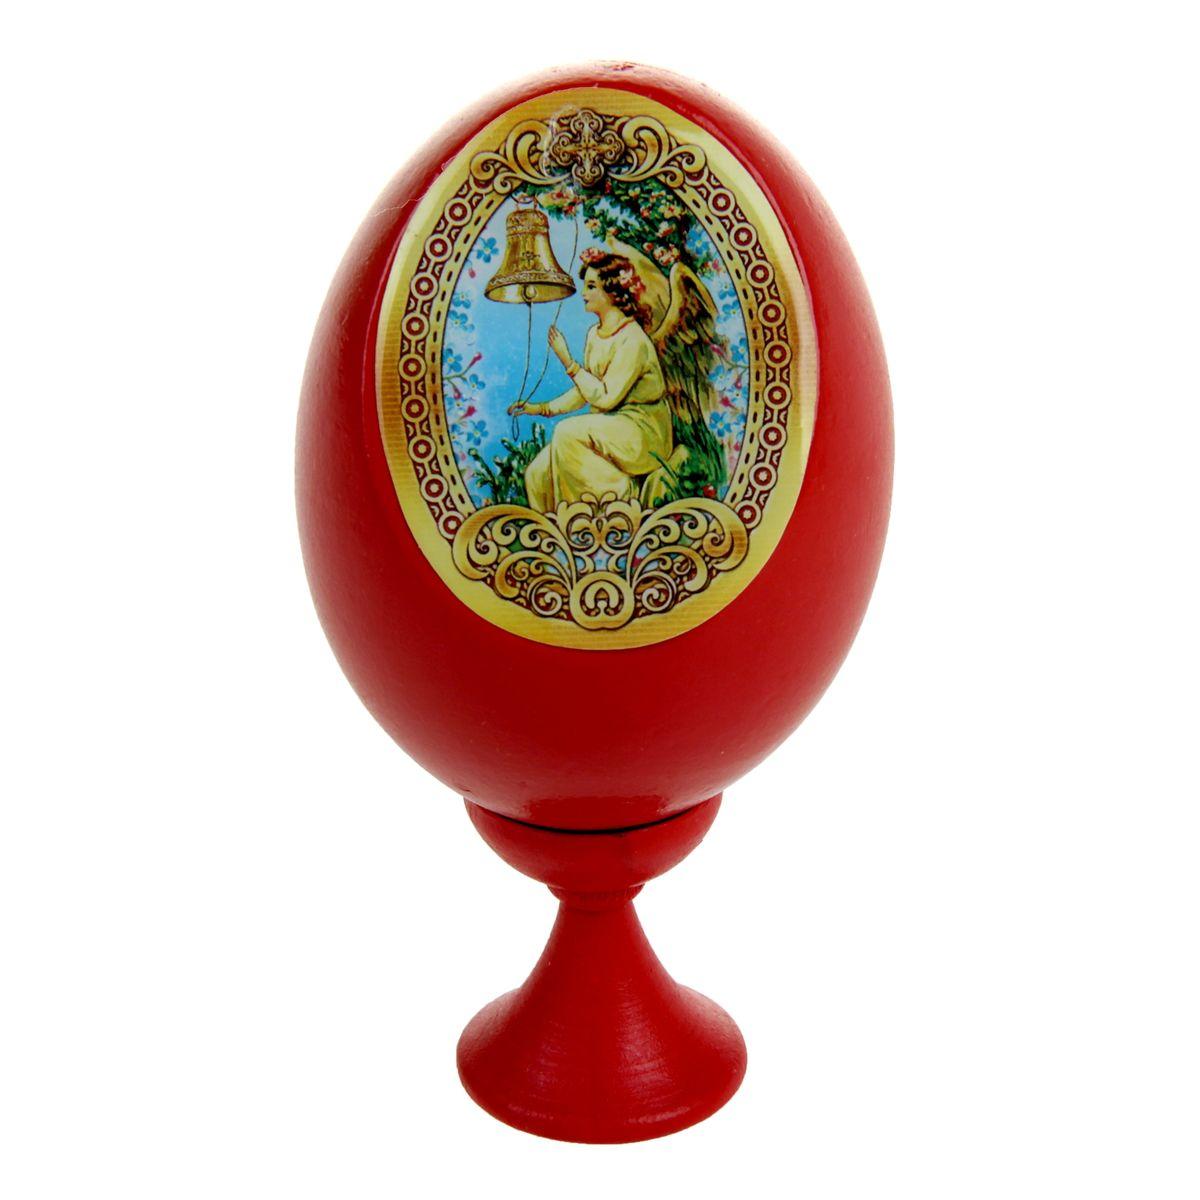 Яйцо декоративное Sima-land Европейский ангел, на подставке, высота 11 смБрелок для ключейДекоративное яйцо Sima-land Европейский ангел изготовлено из дерева. Яйцо оформлено яркой наклейкой с изображением ангела, покрытой смоляным слоем. Изделие располагается на деревянной подставке. Декоративное яйцо Sima-land Европейский ангел принесет в ваш дом ощущение торжества, душевного уюта и станет идеальным подарком на Пасху. Диаметр яйца: 5,5 см. Высота яйца: 8 см. Размер подставки: 3 см х 3 см х 3,5 см.